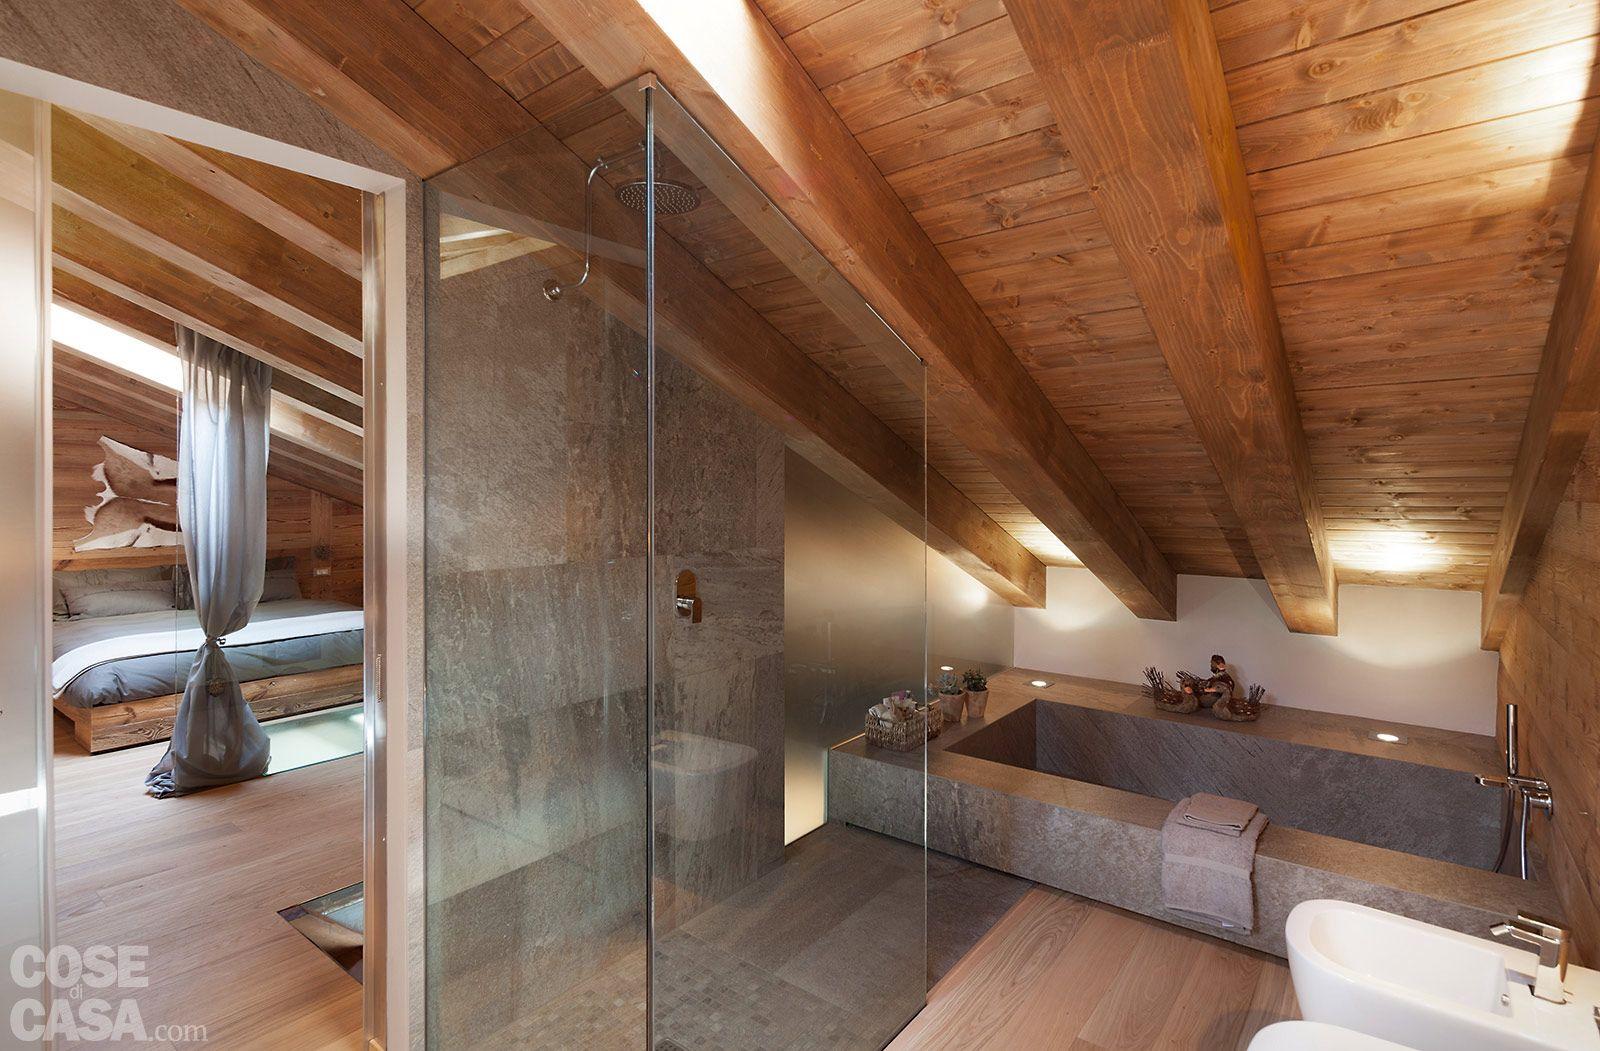 Bagno Montagna ~ Bagno legno e pietra cose di casa idee case canuto idee per